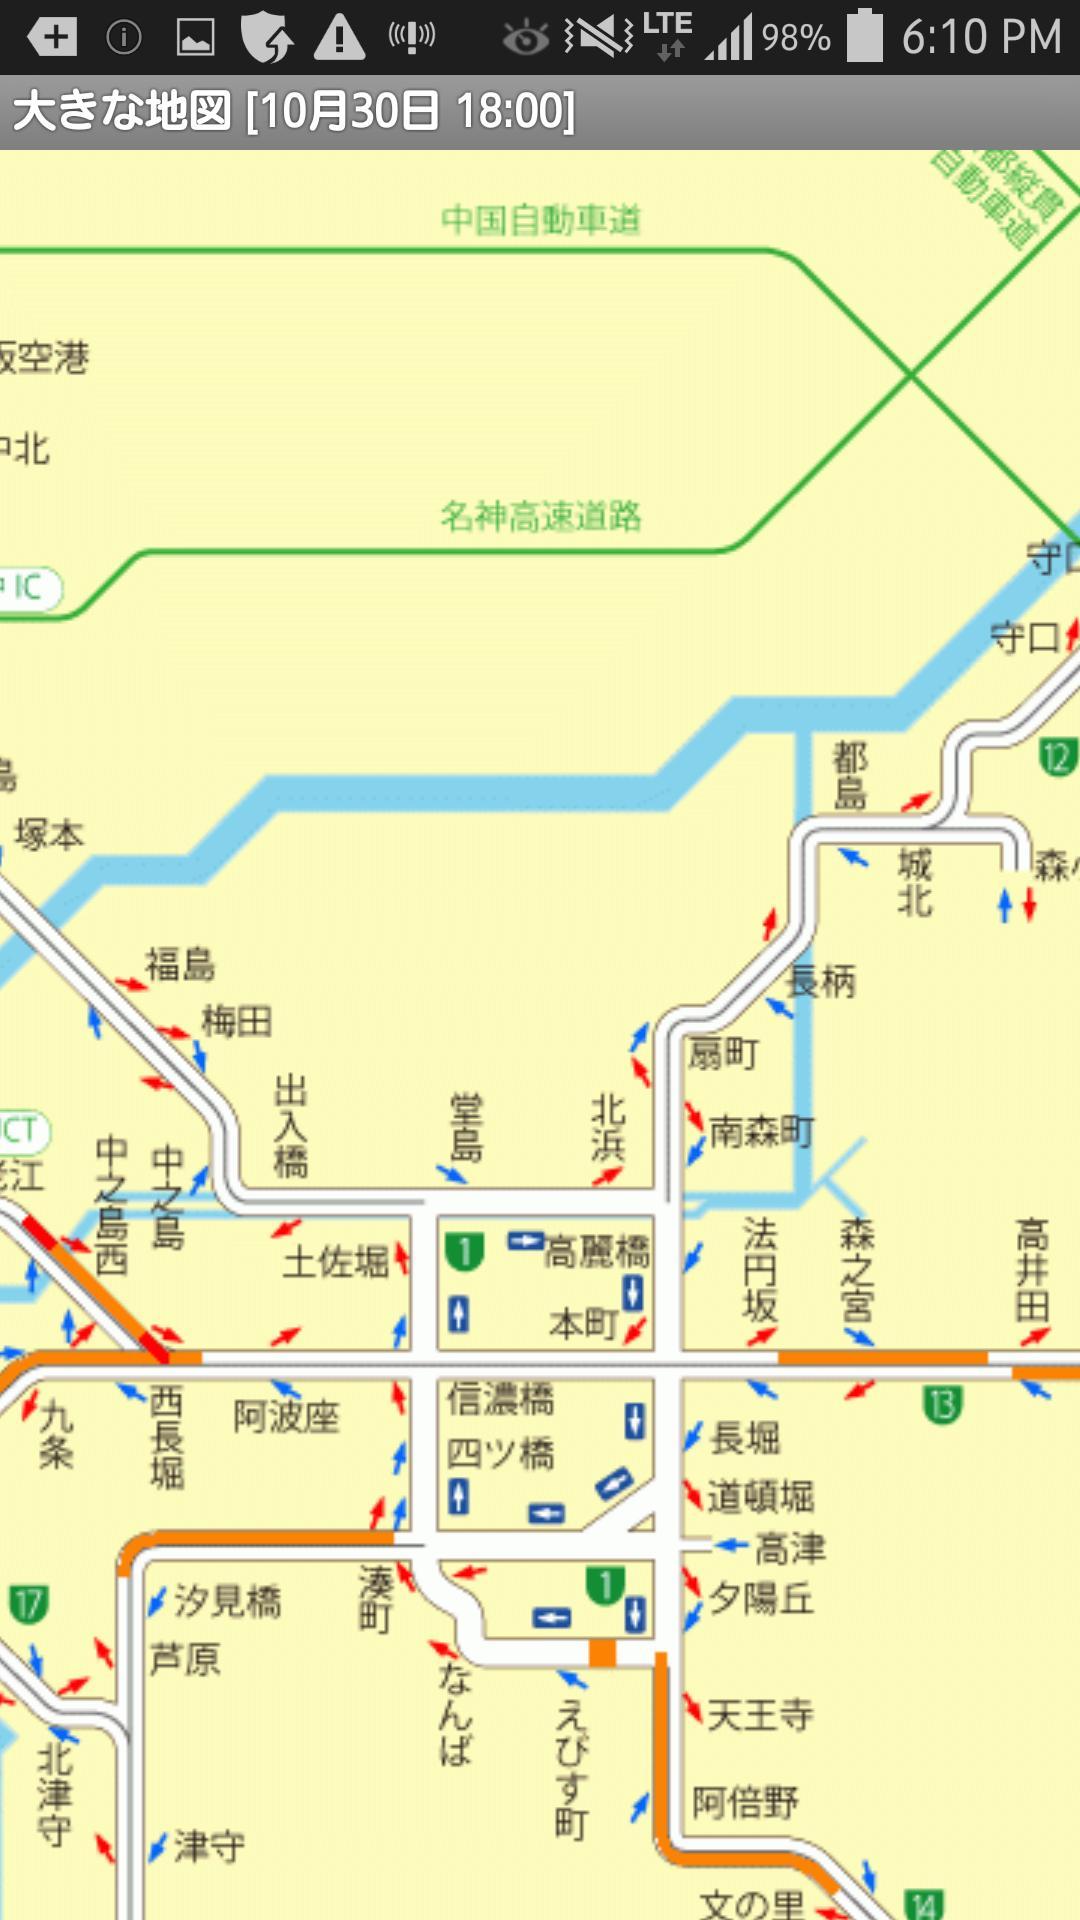 高速 路線 図 阪神